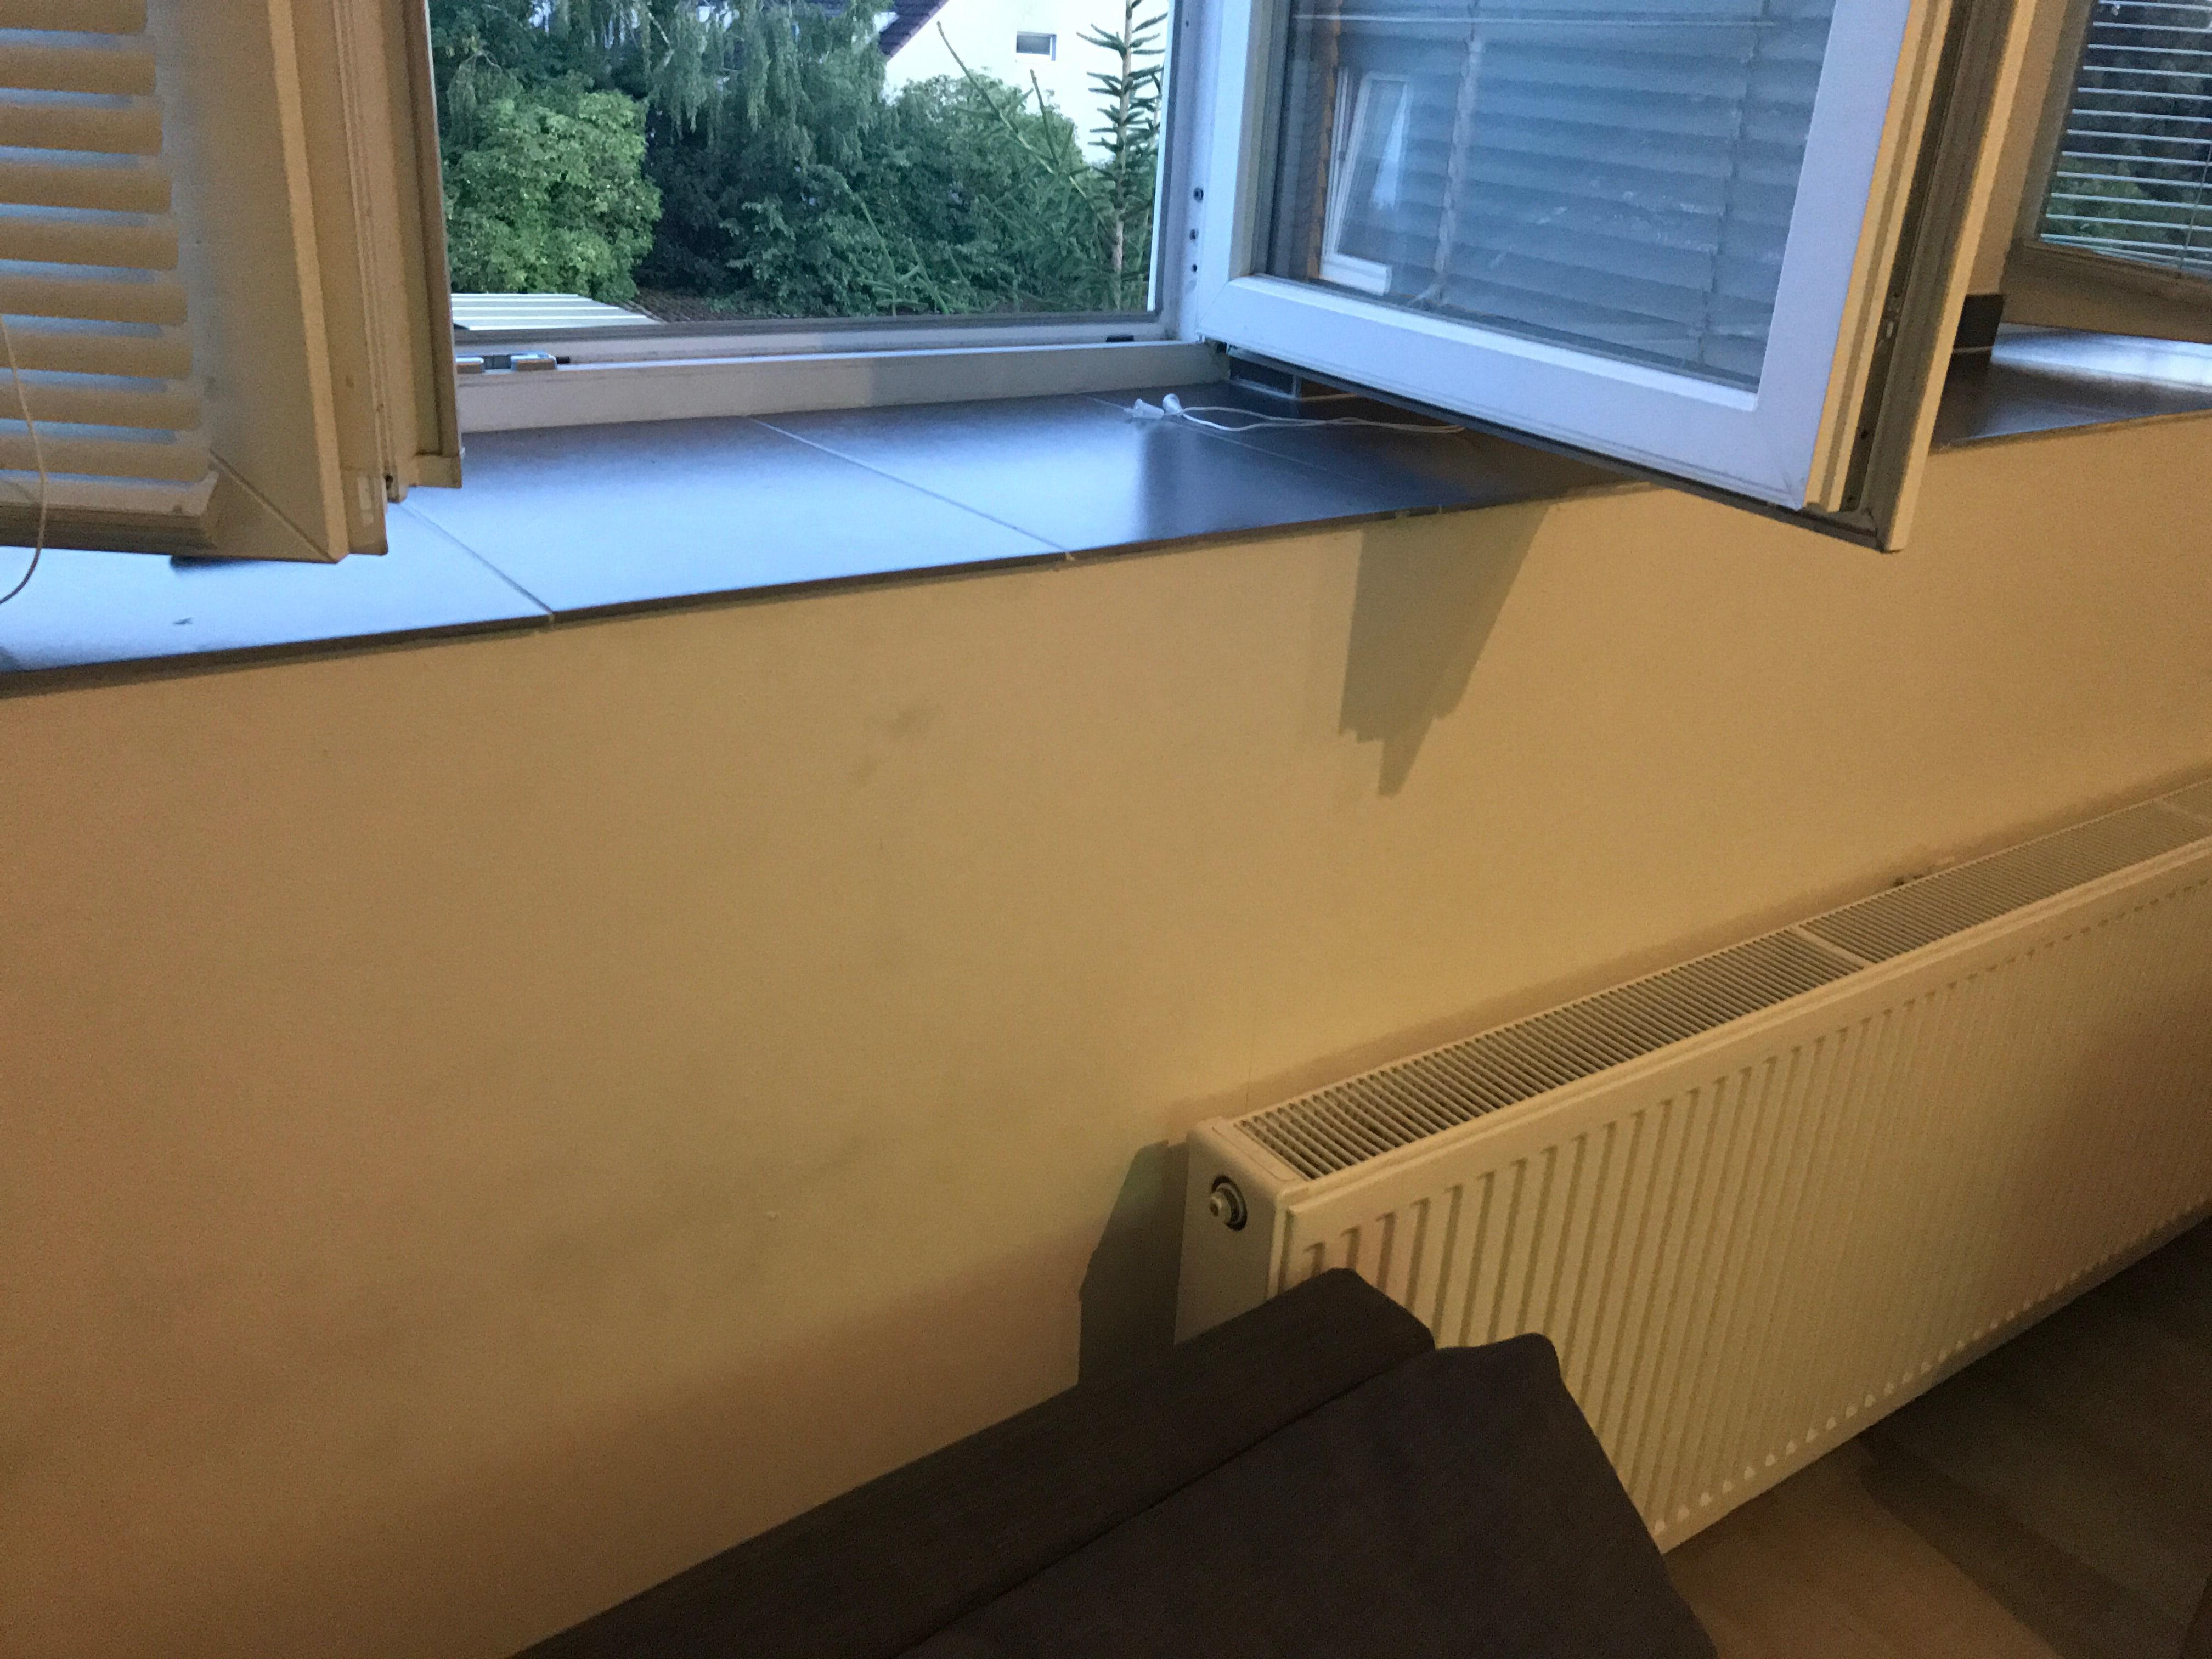 Bruchgefahr bei Fensterbank? (Vermieter)